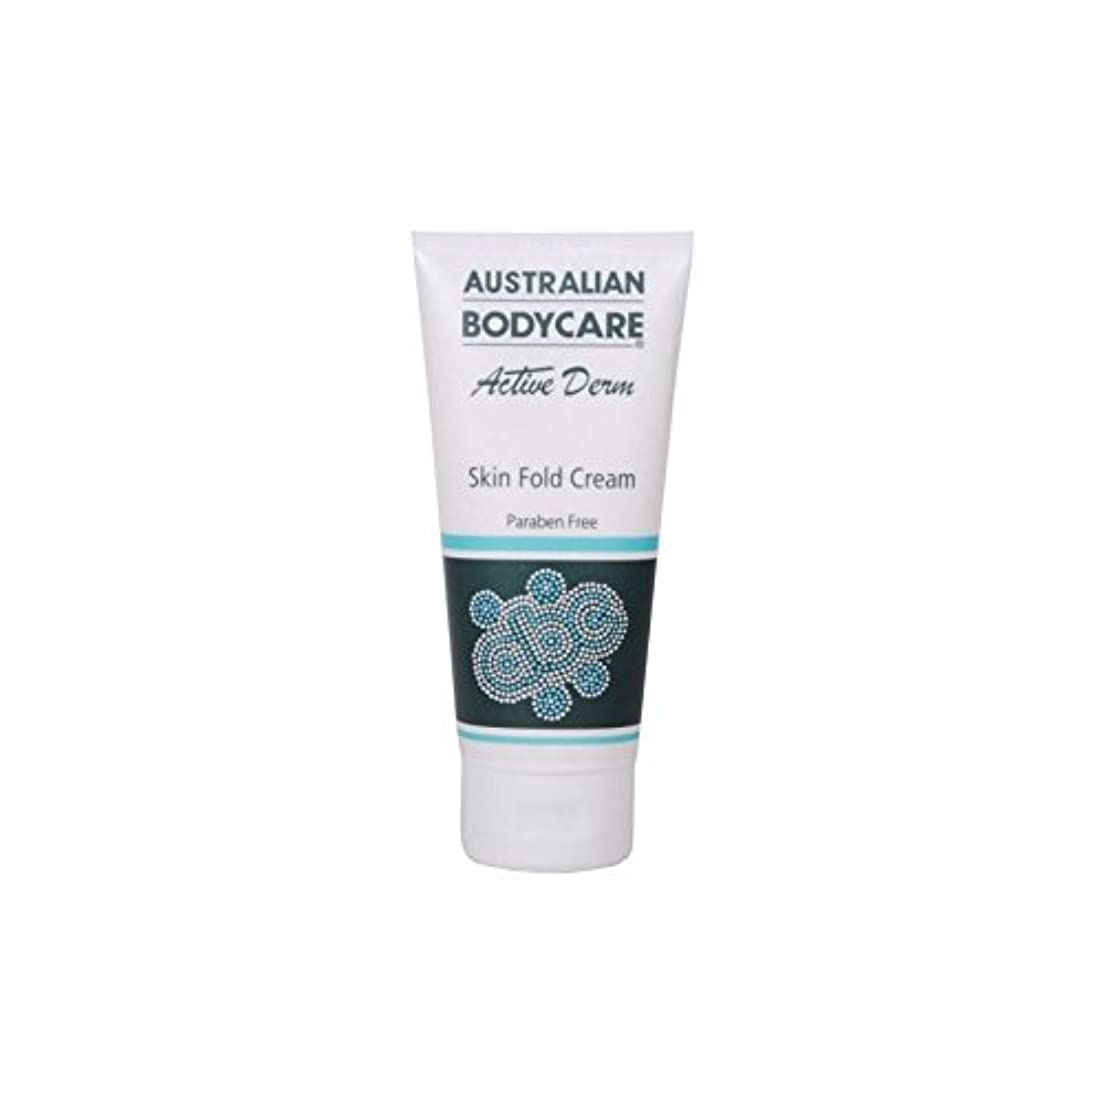 危機特に安息Australian Bodycare Active Derm Skin Fold Cream (100ml) - オーストラリアのボディケアアクティブダーム皮膚のひだクリーム(100ミリリットル) [並行輸入品]